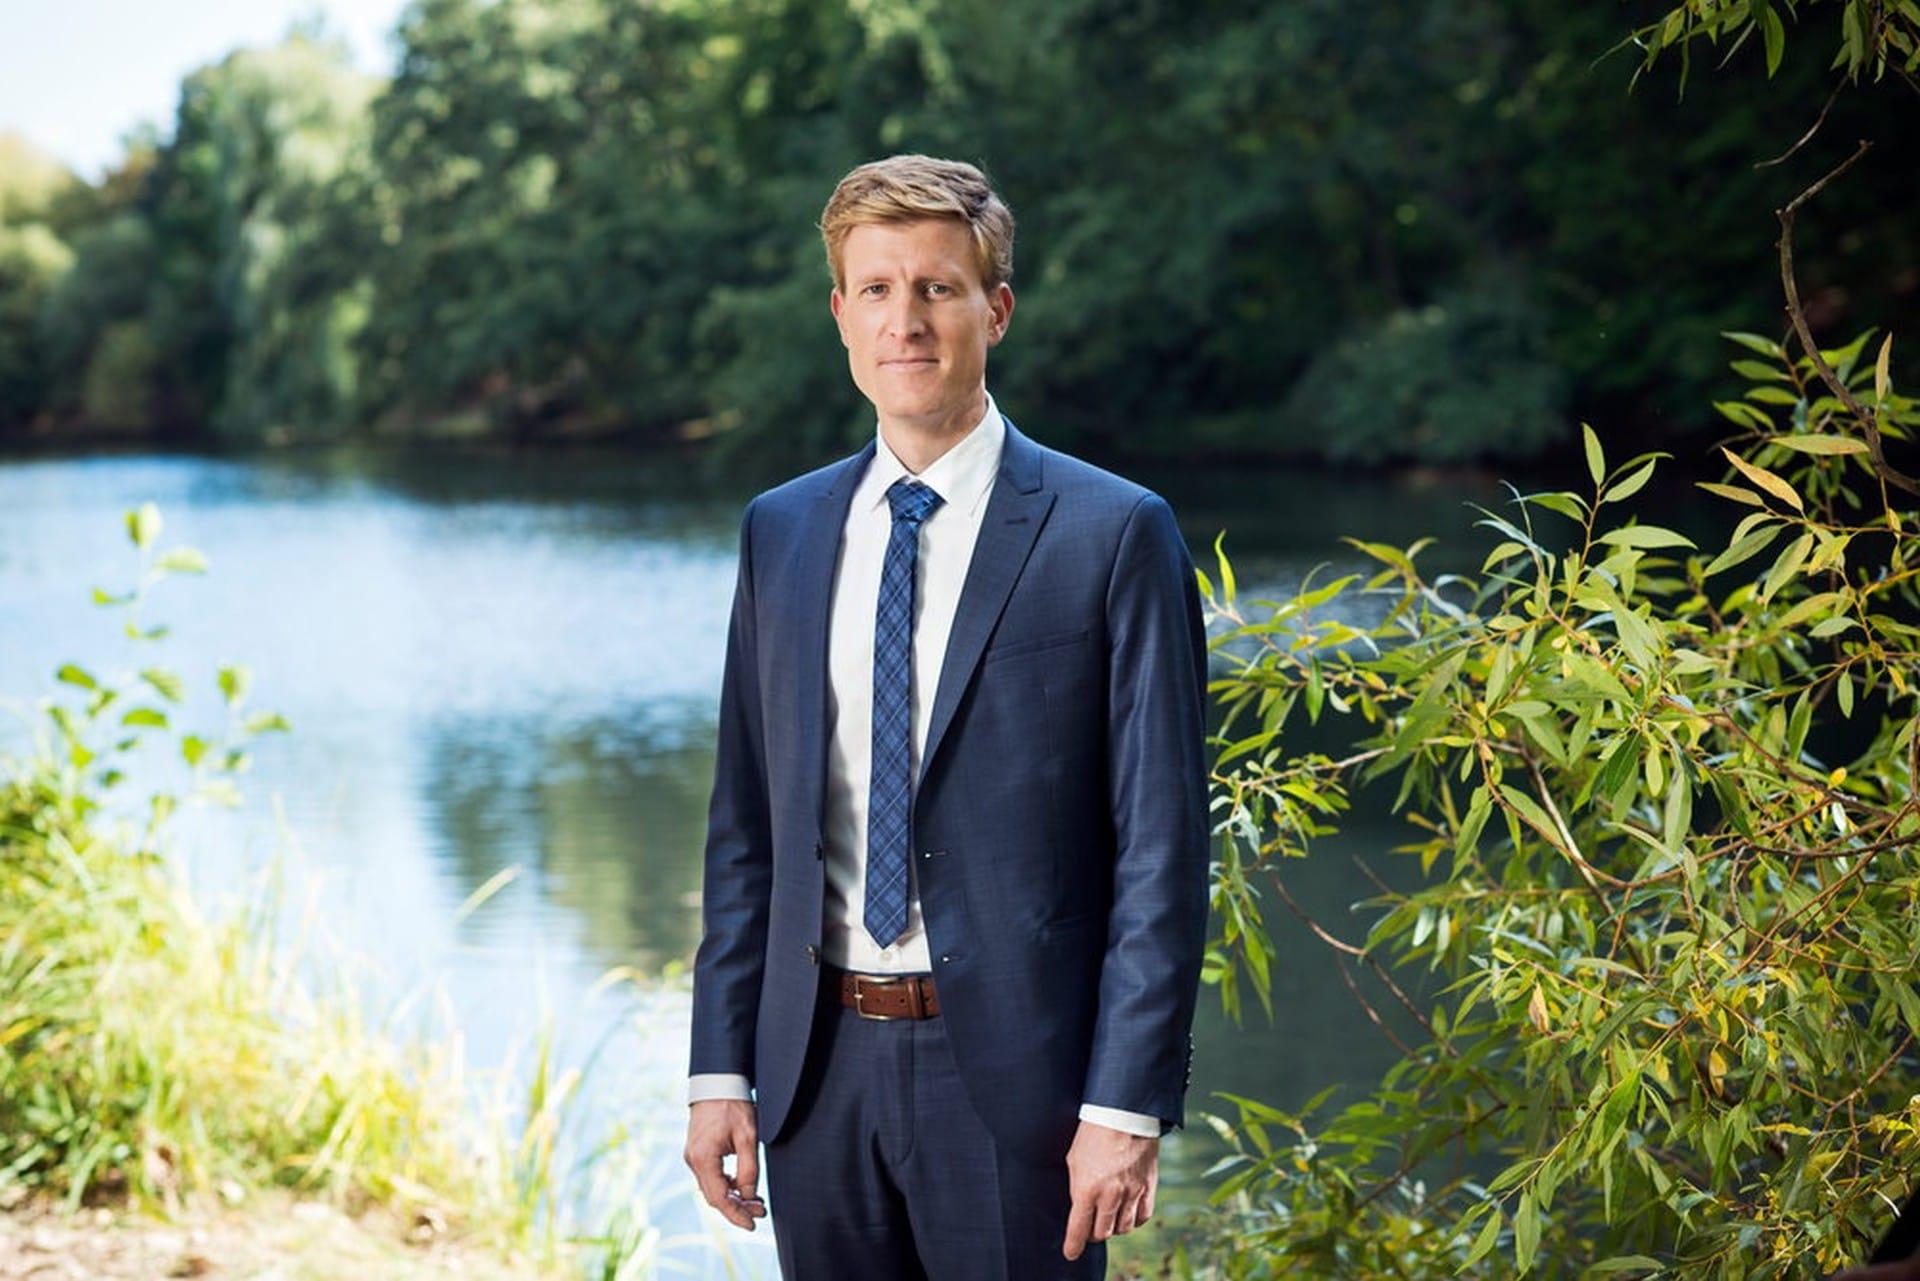 Businessfoto-von-Sedlar-&-Wolff-Photography